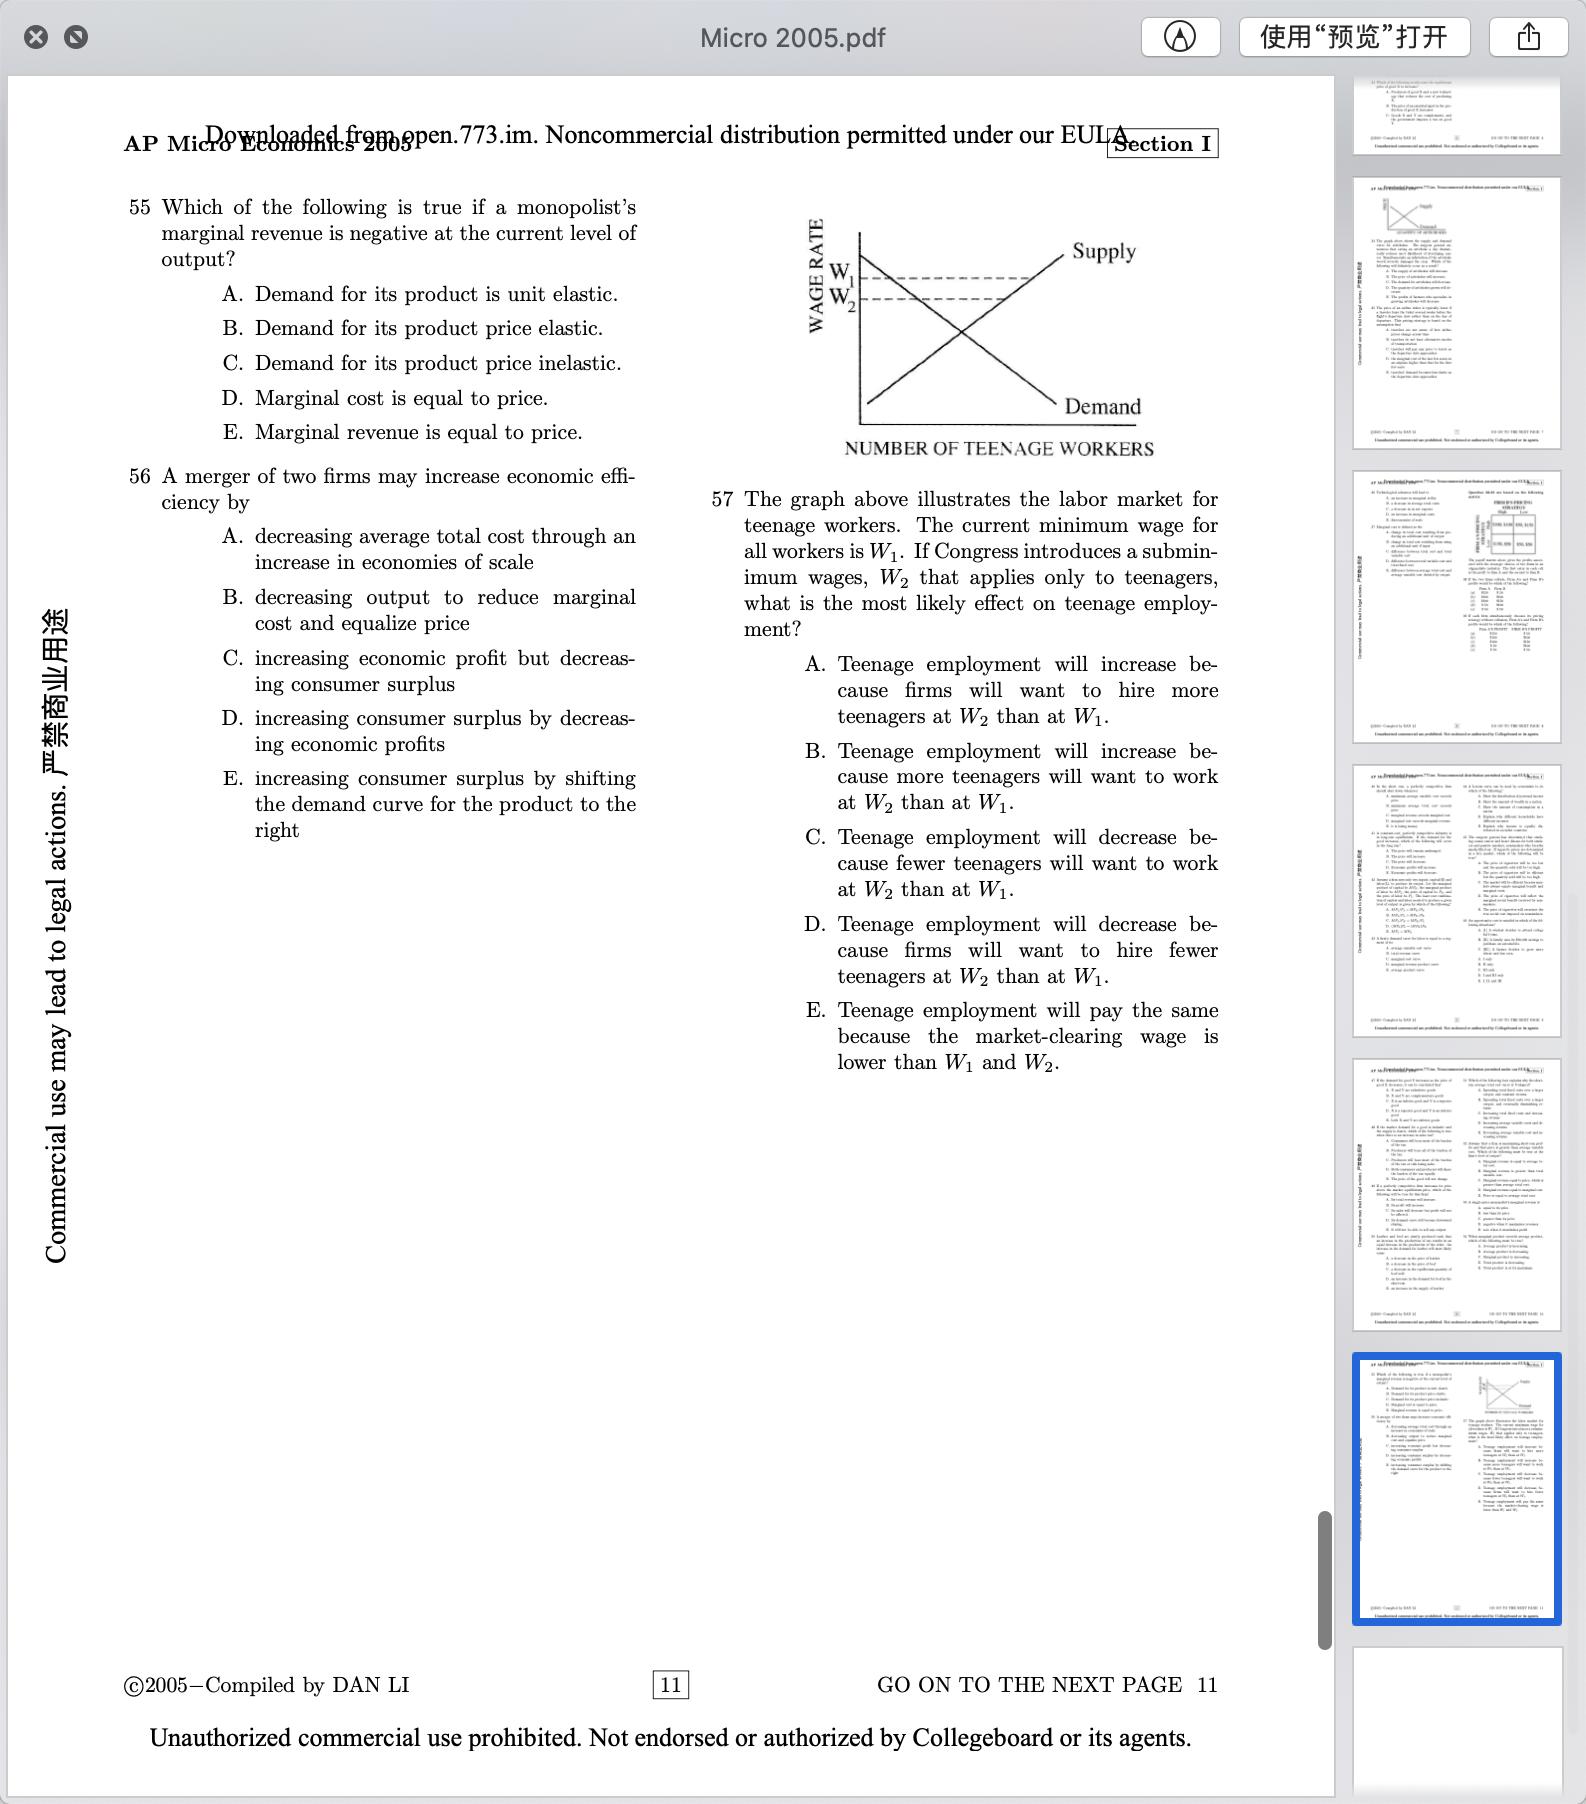 2005年AP微观经济学真题下载-选择题下载